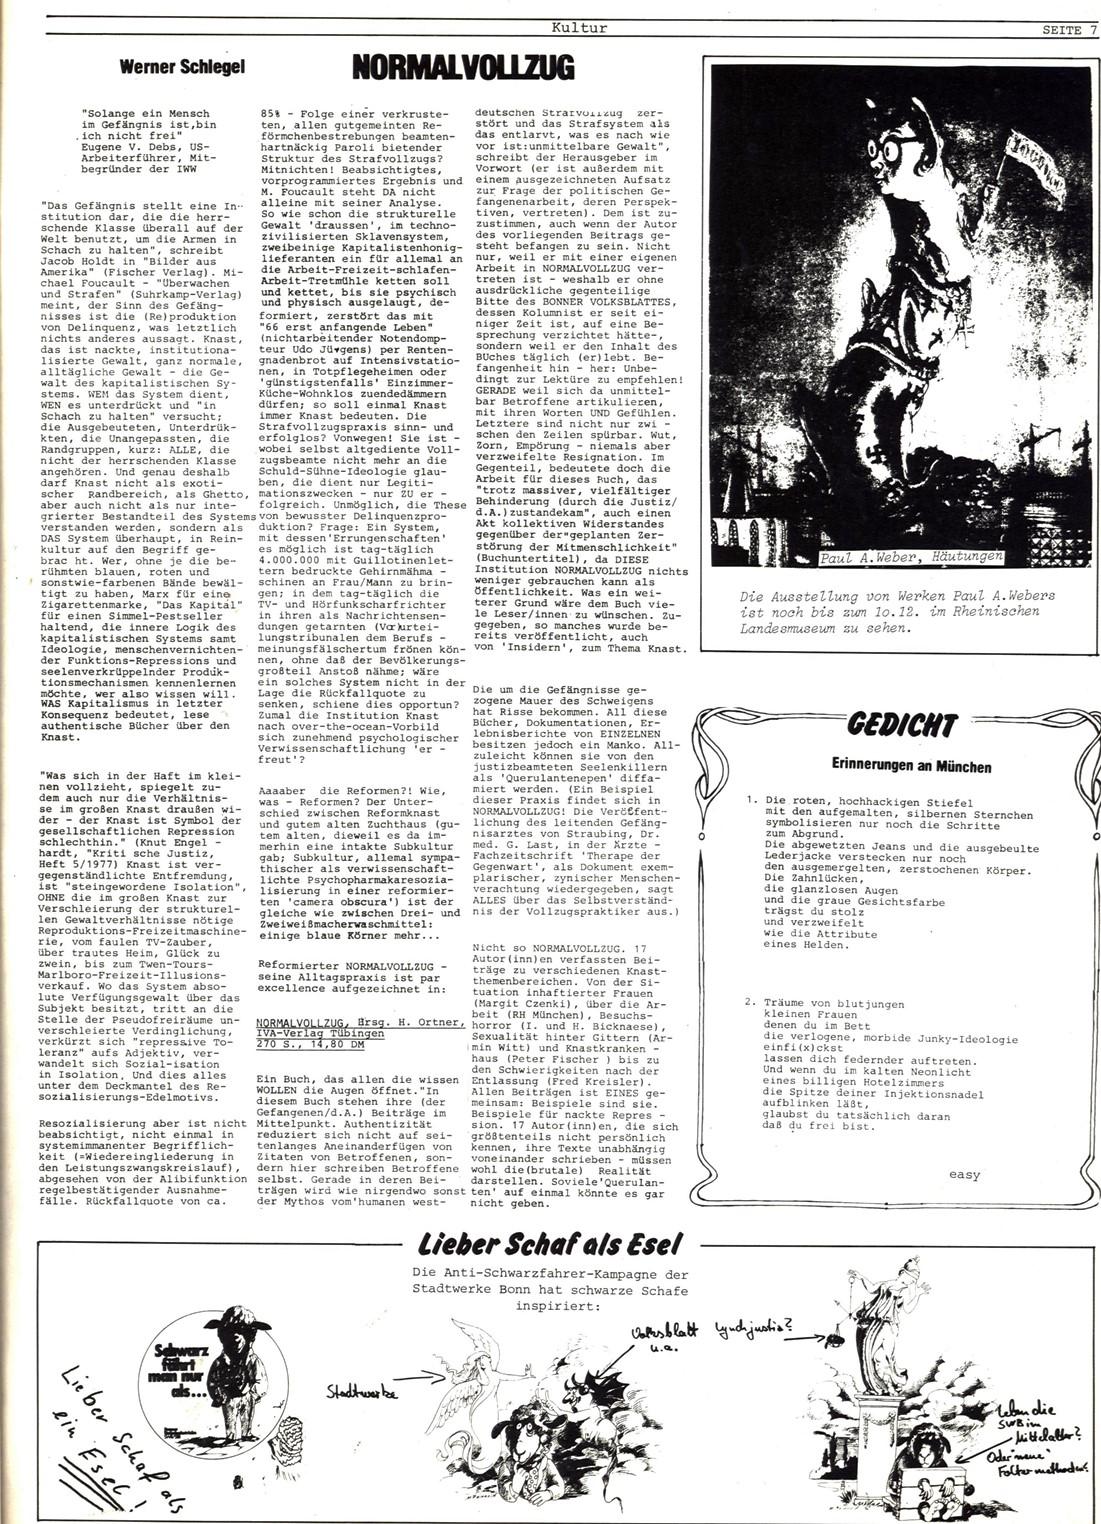 Bonner_Volksblatt_19_19781128_07